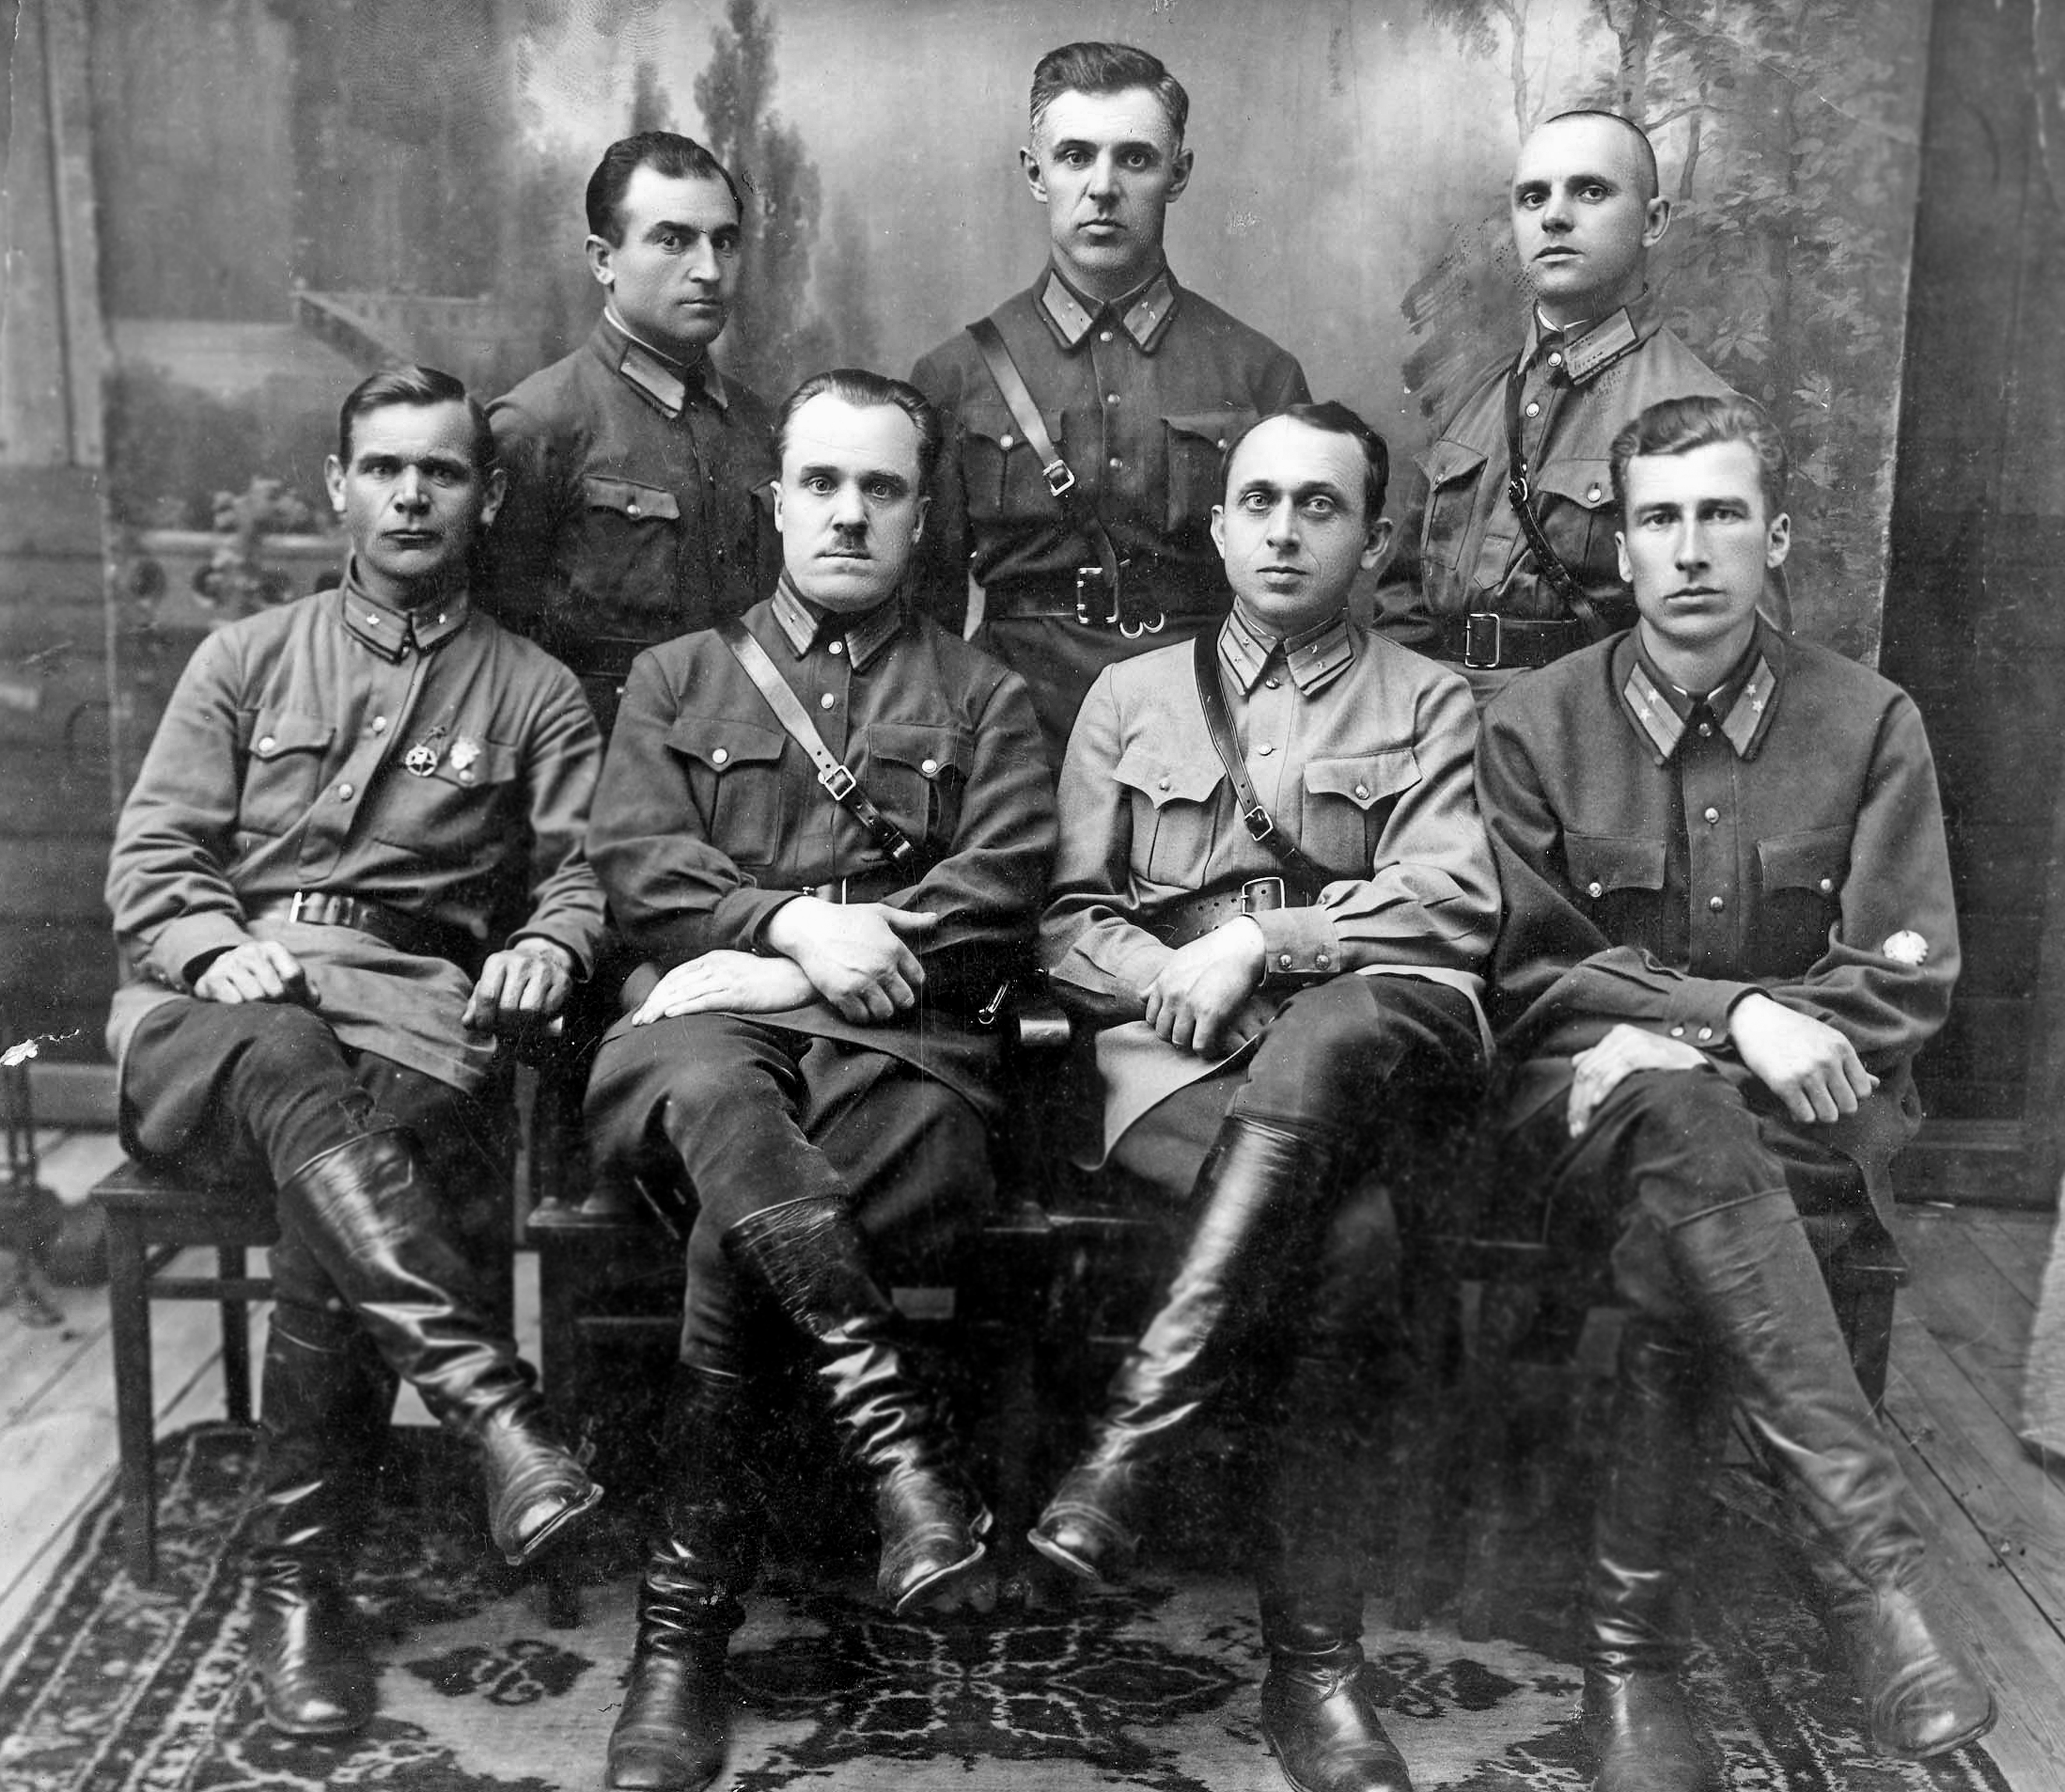 nekrasov-ia-1-ryad-2jj-sleva-nach-k-gor-uprav-milicii-sergiev-posad-1937-god.jpg